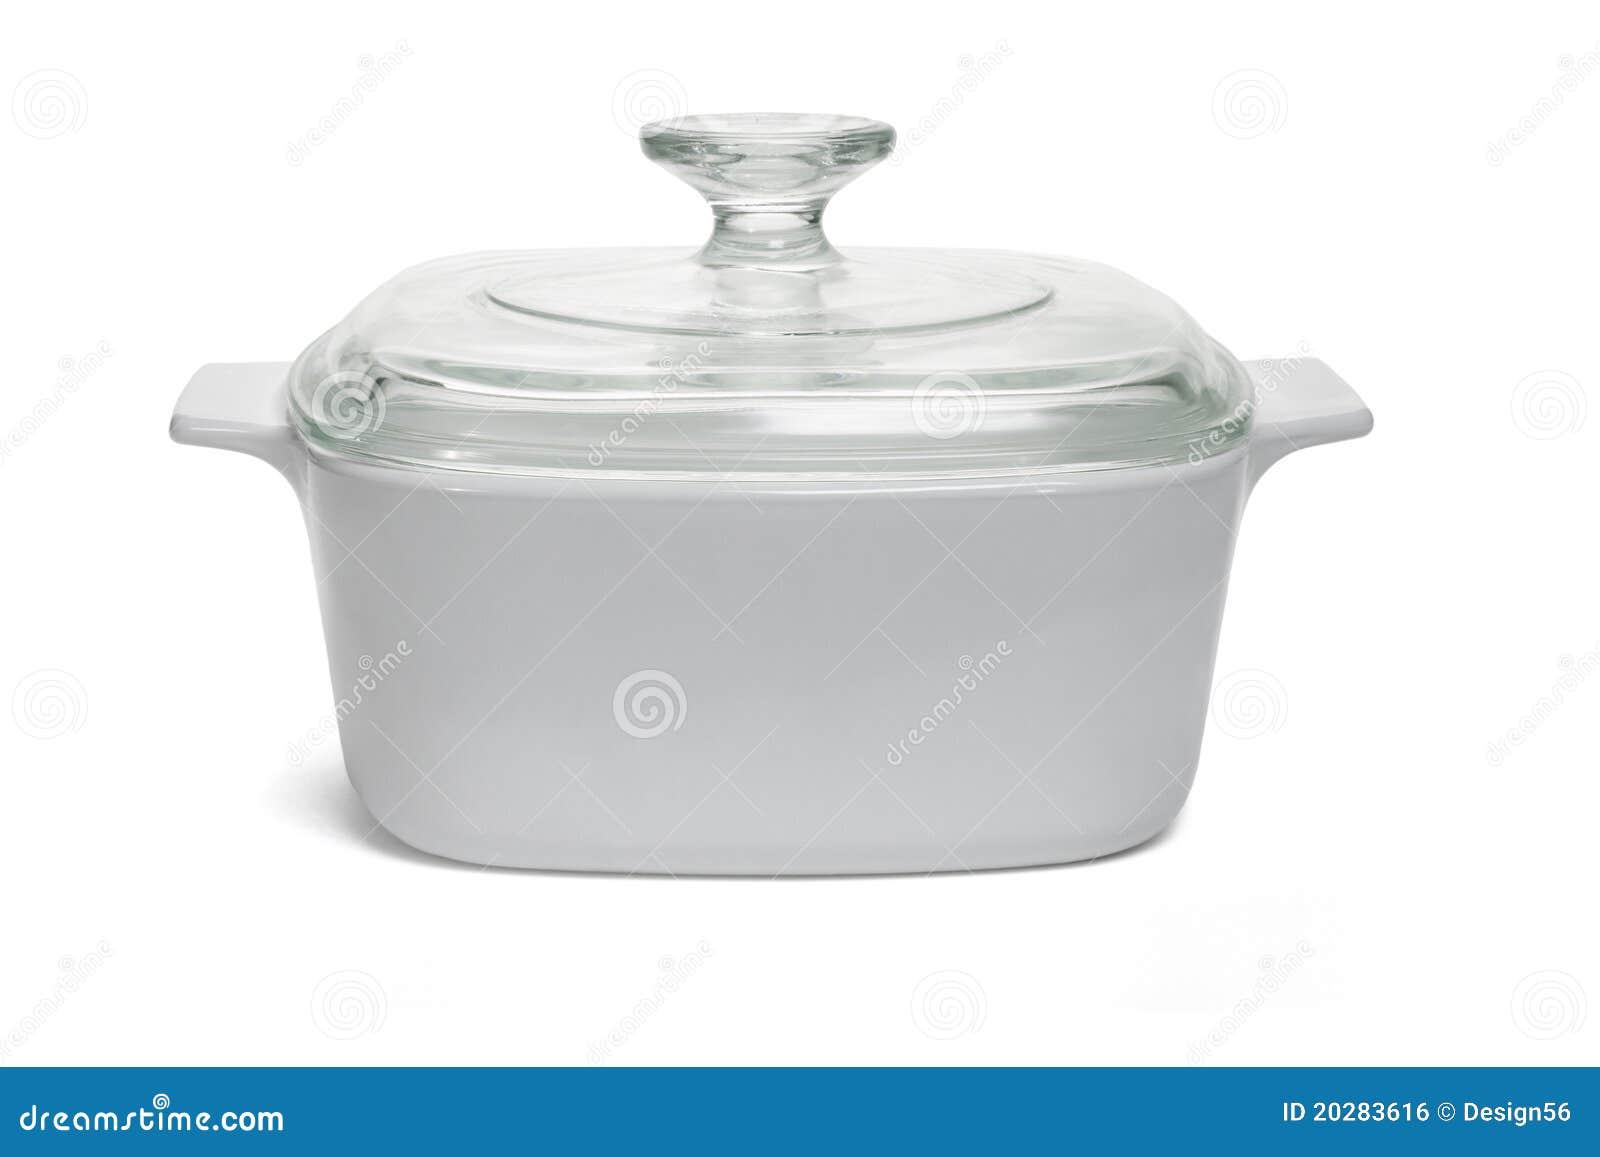 Saucepan branco com tampa de vidro